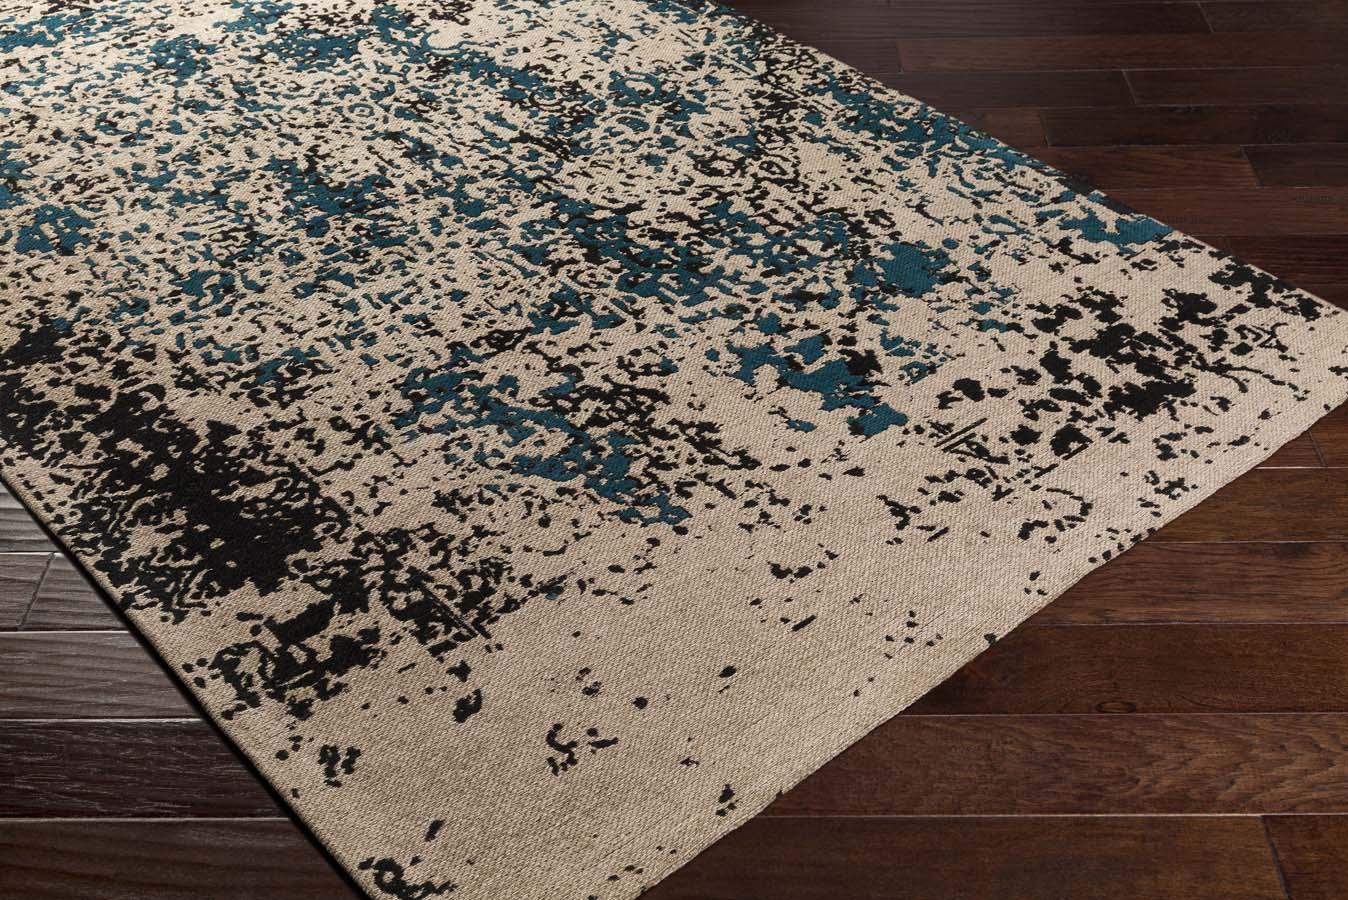 artistic rug artistic weavers egypt egt-3076 lara dark teal/grey rug NTRDGLJ